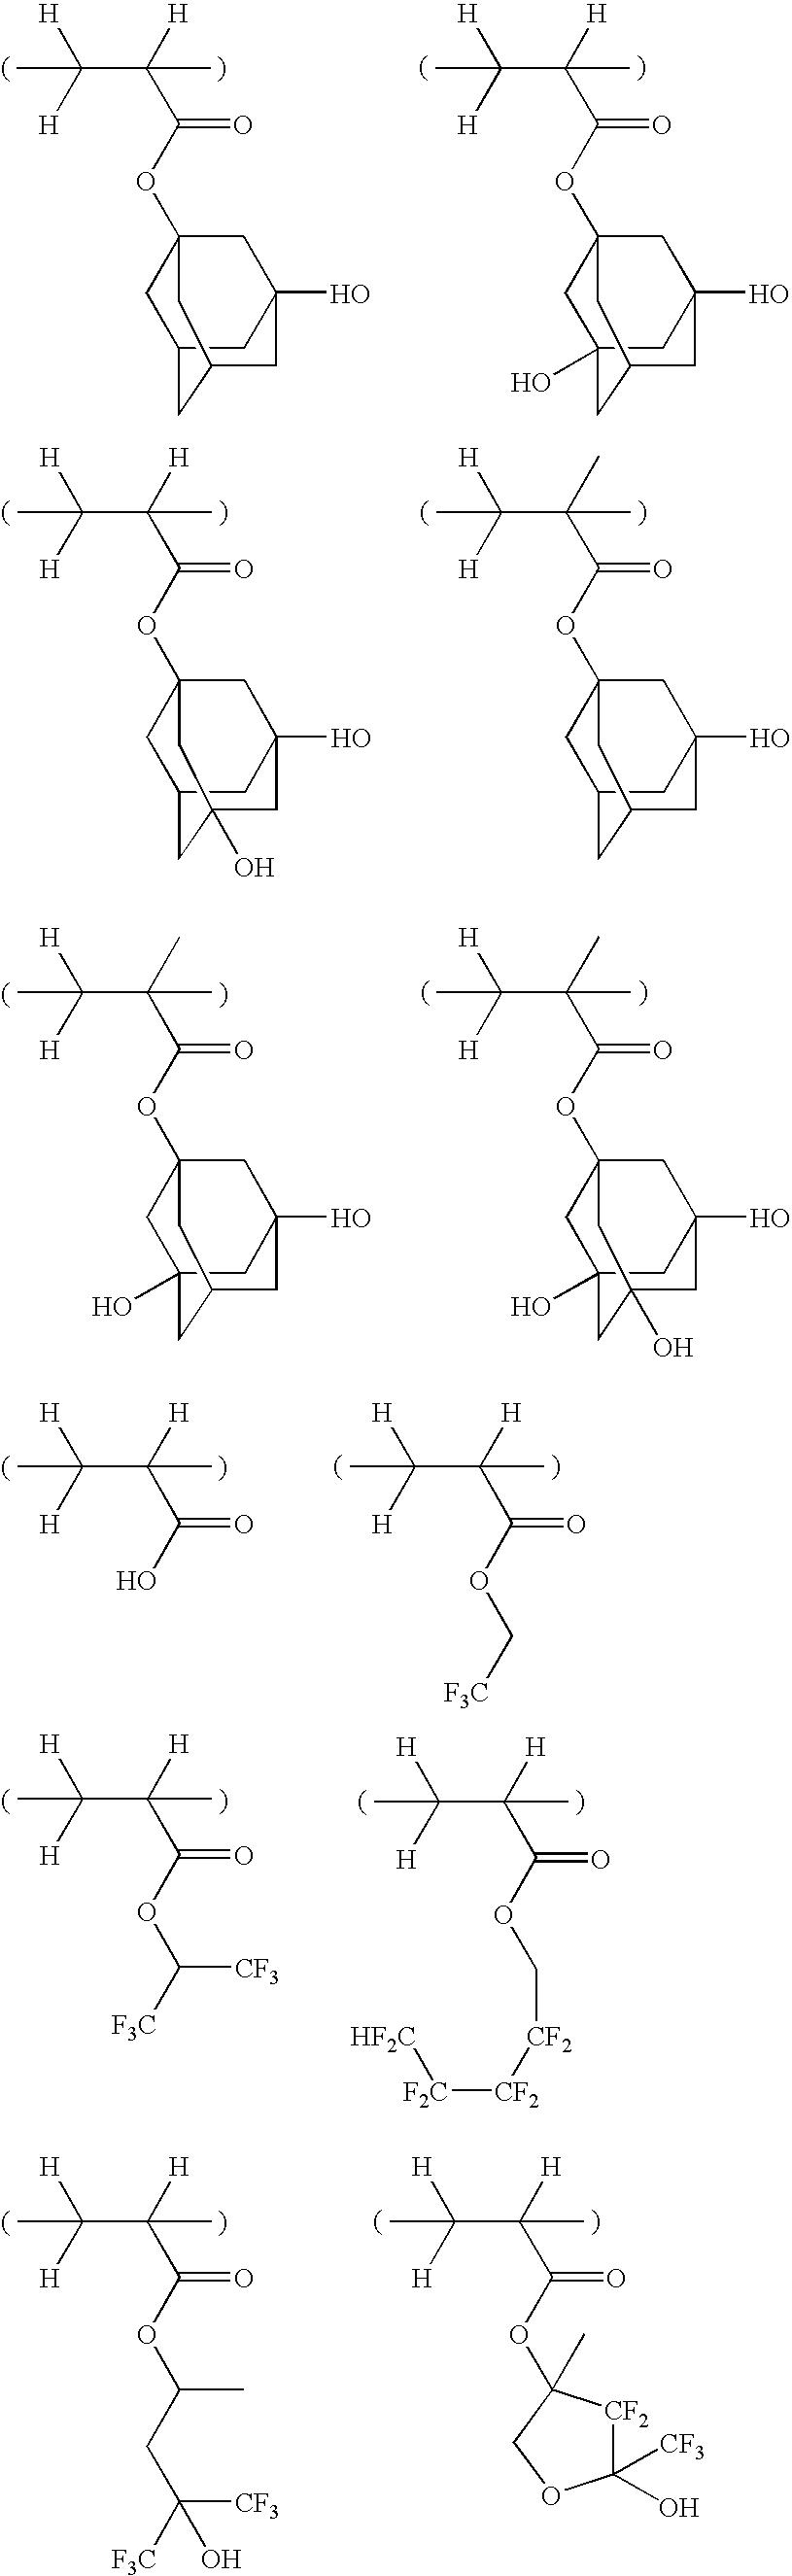 Figure US20090011365A1-20090108-C00050